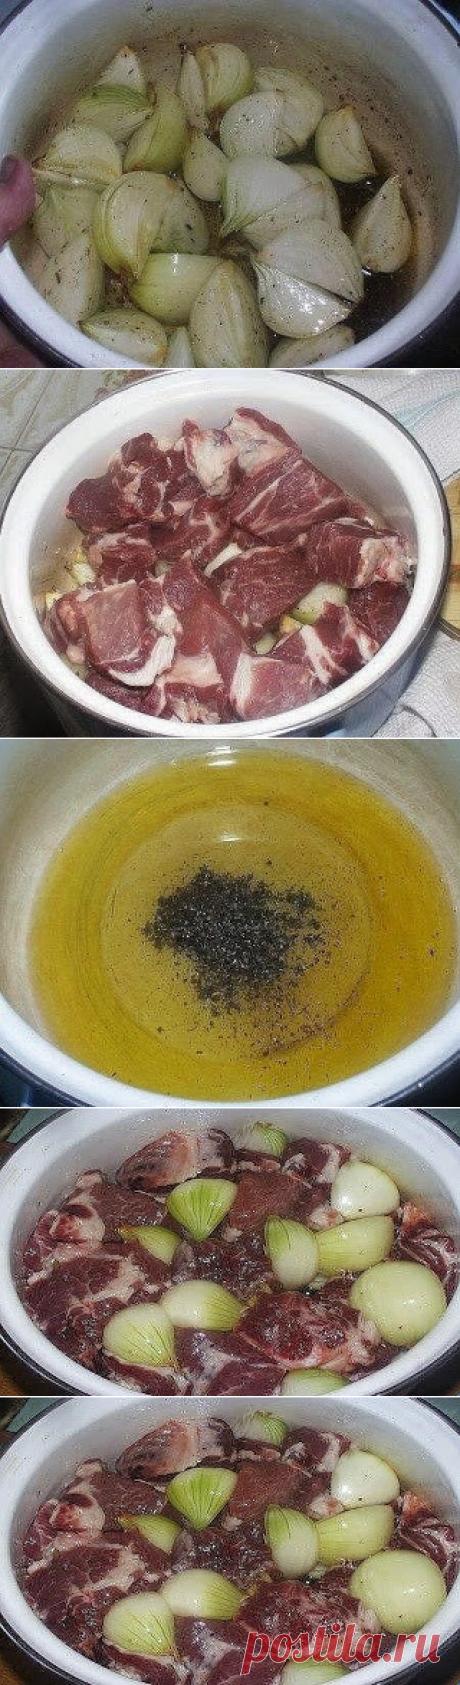 мясо по тайски! Ингредиенты: : Шашлыки. Армянский маринад